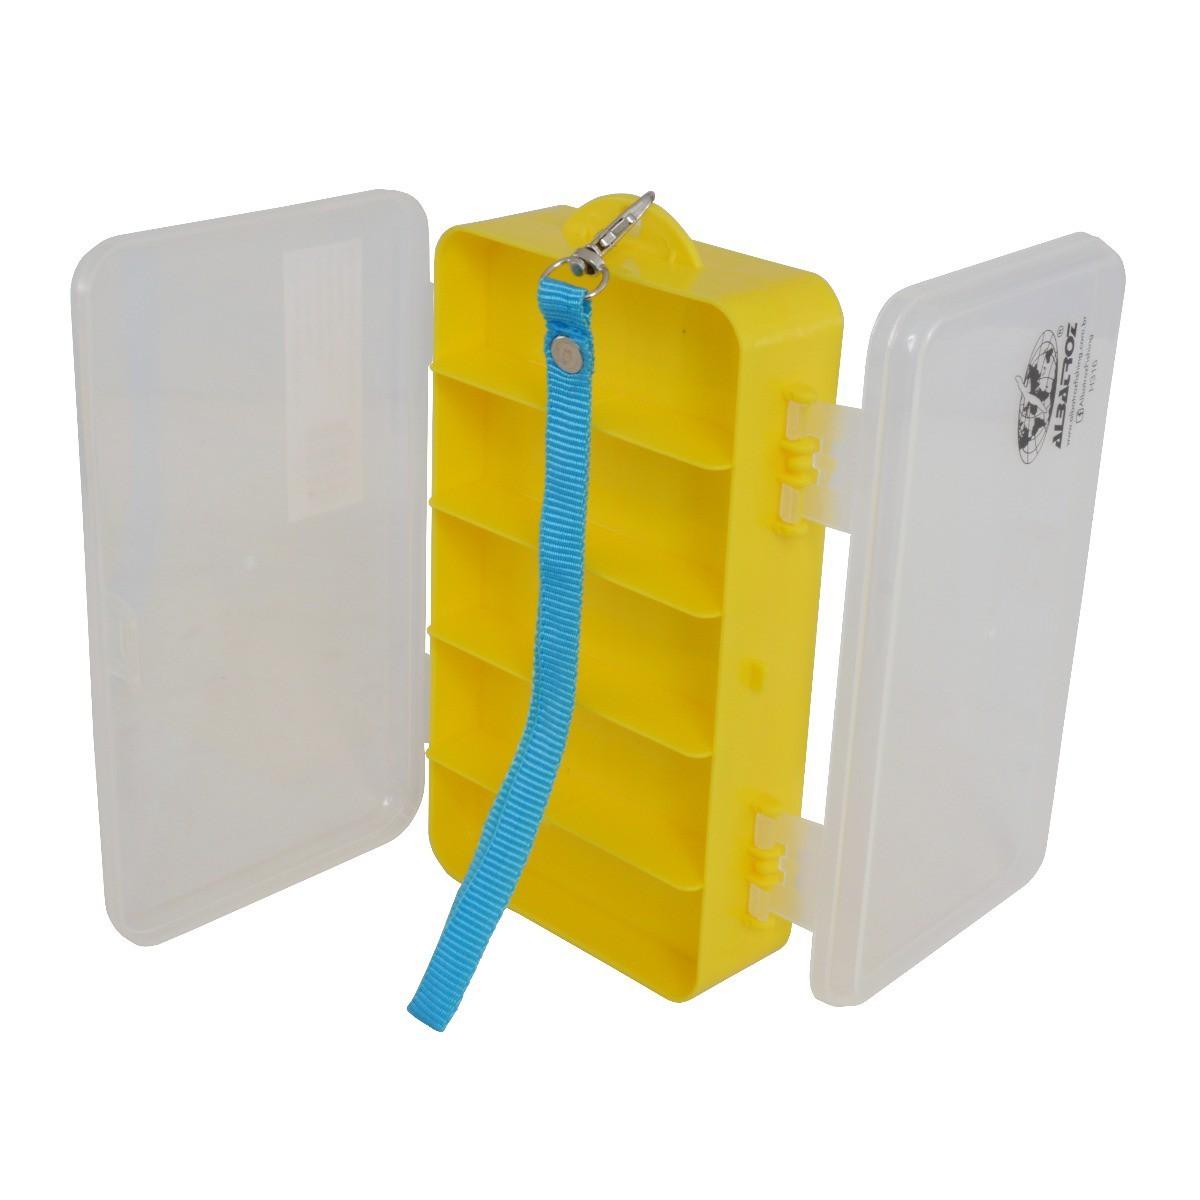 Estojo Plástico Organizador Albatroz Fishing Amarela H316